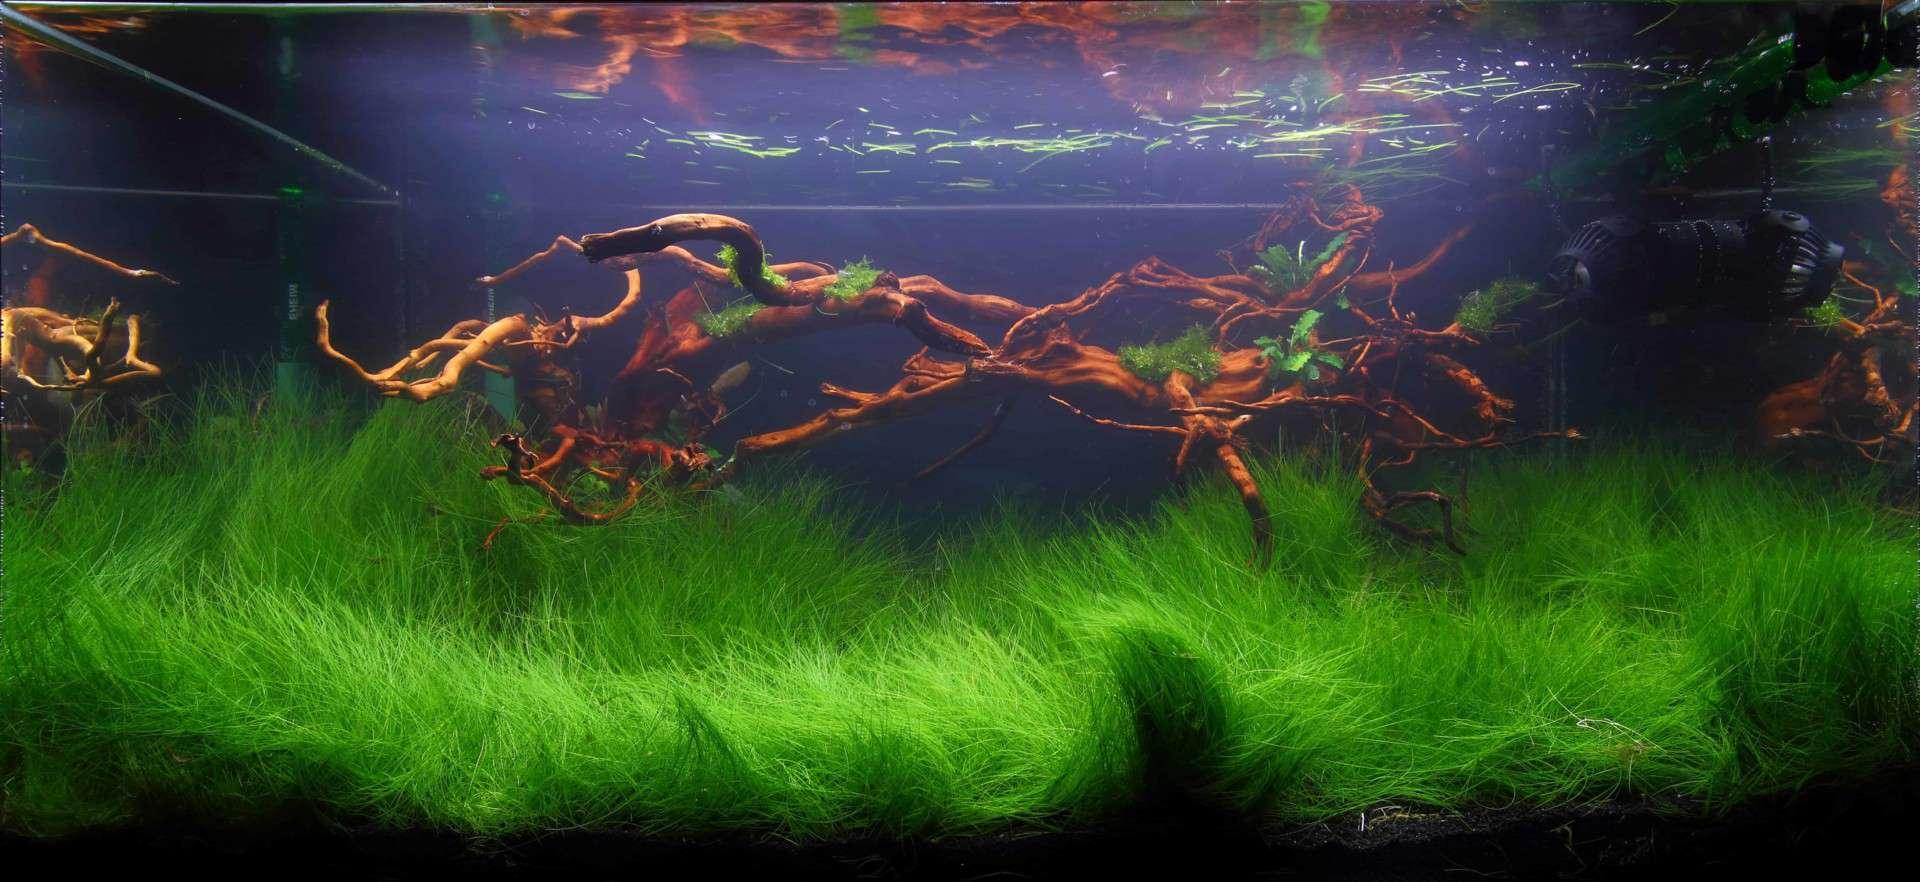 191 - The Art of the Planted Aquarium - Neuheiten und Möglichkeiten zum Mitmachen im April 2019 (Stefanie Hesse) 46